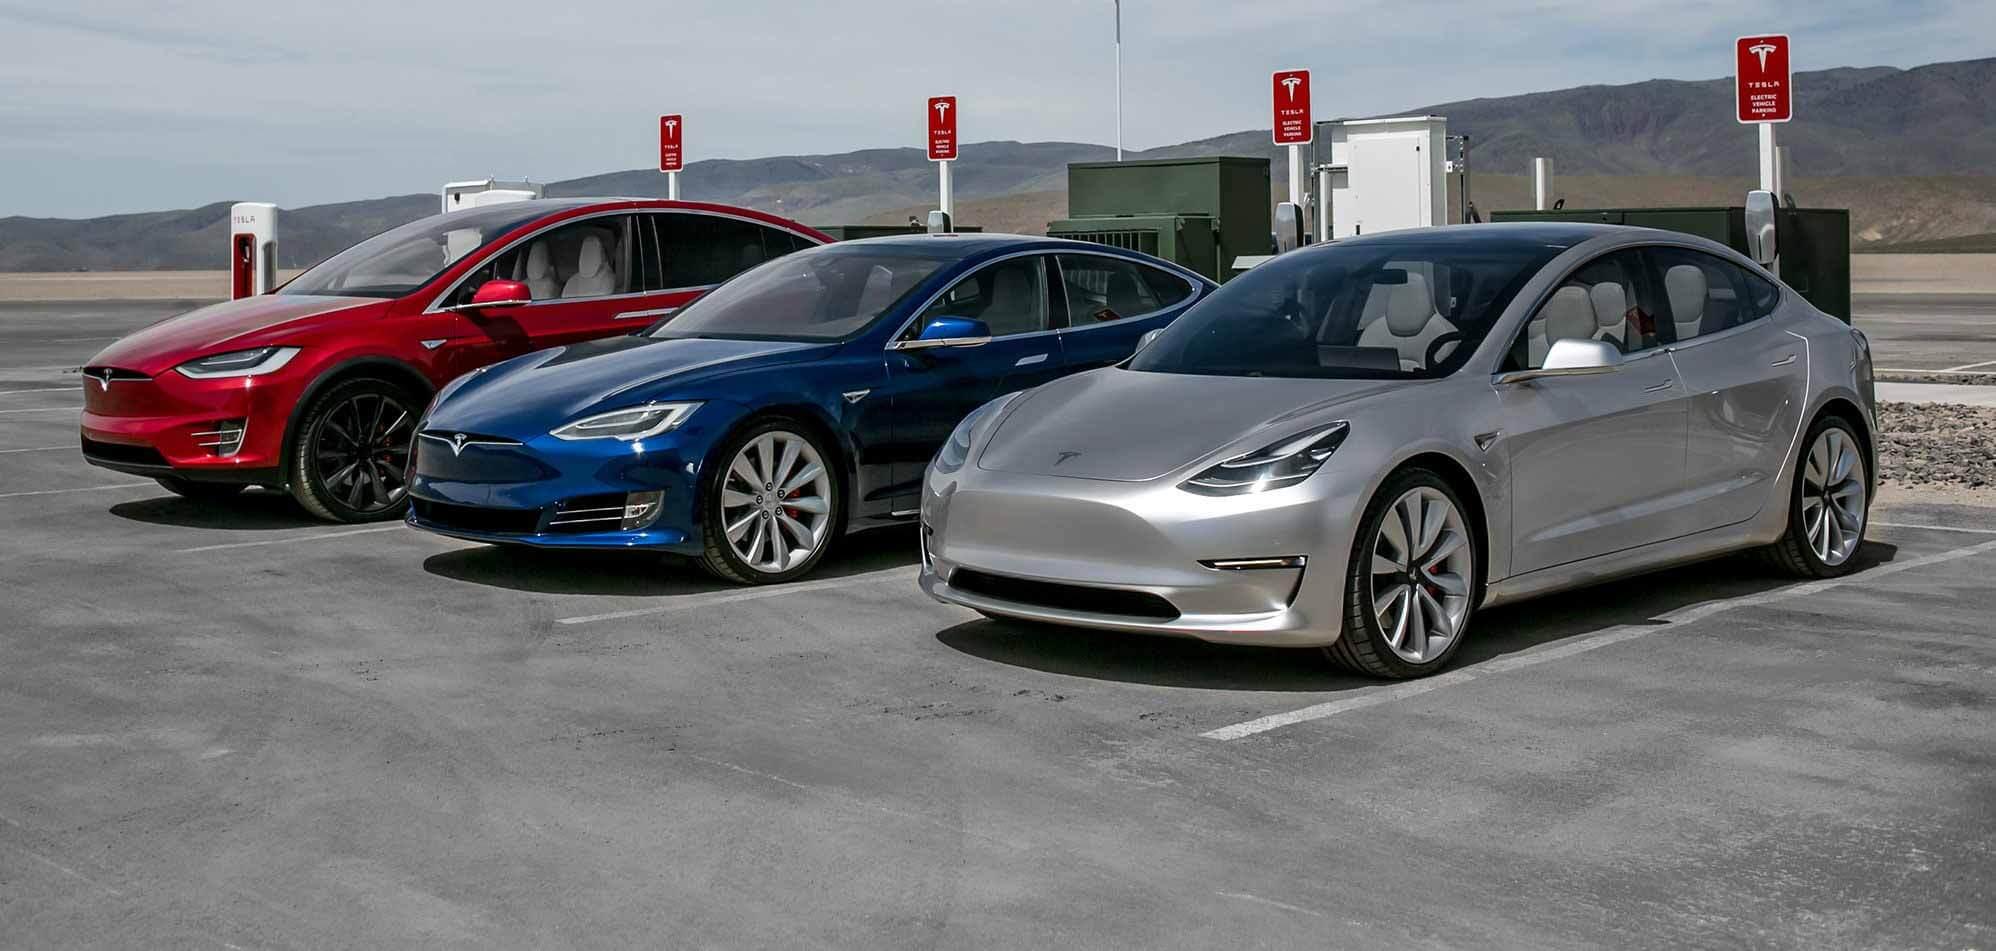 Тесла снижает цены на модели S, Model 3 и Model X в преддверии предстоящих этапов работы батареи